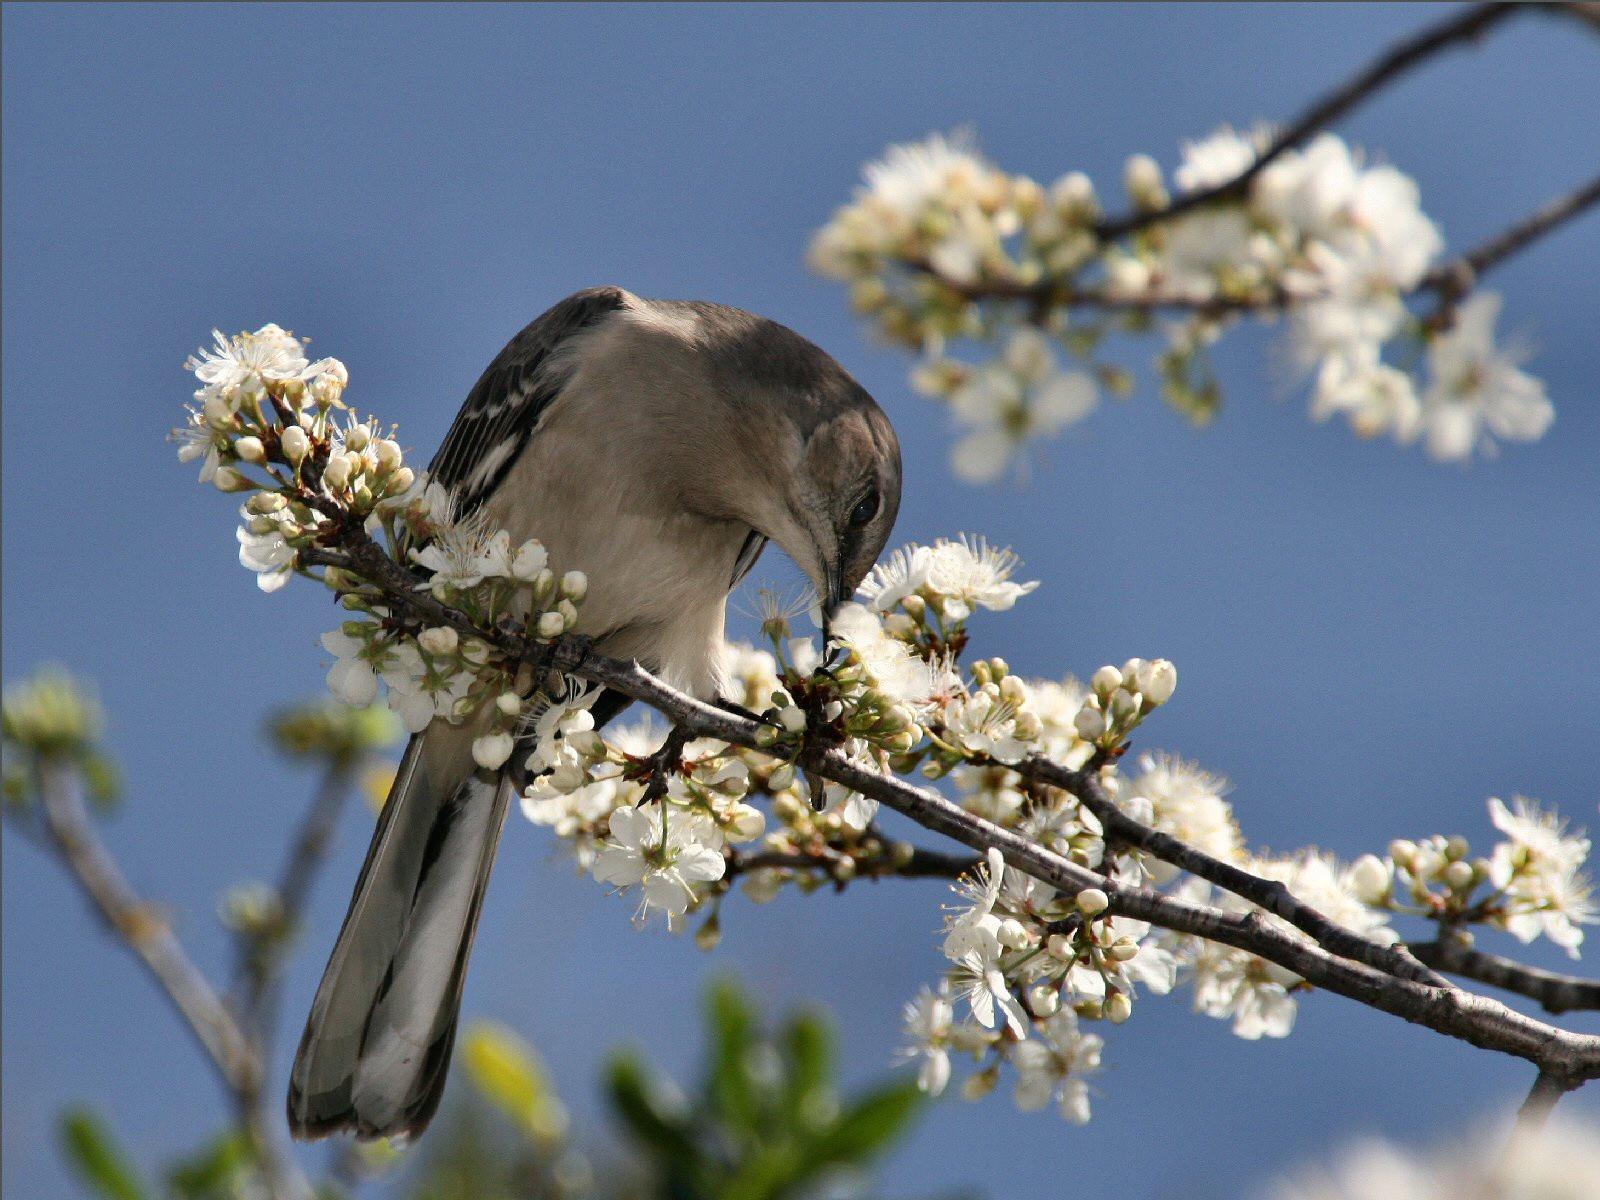 lente achtergronden hd - photo #43